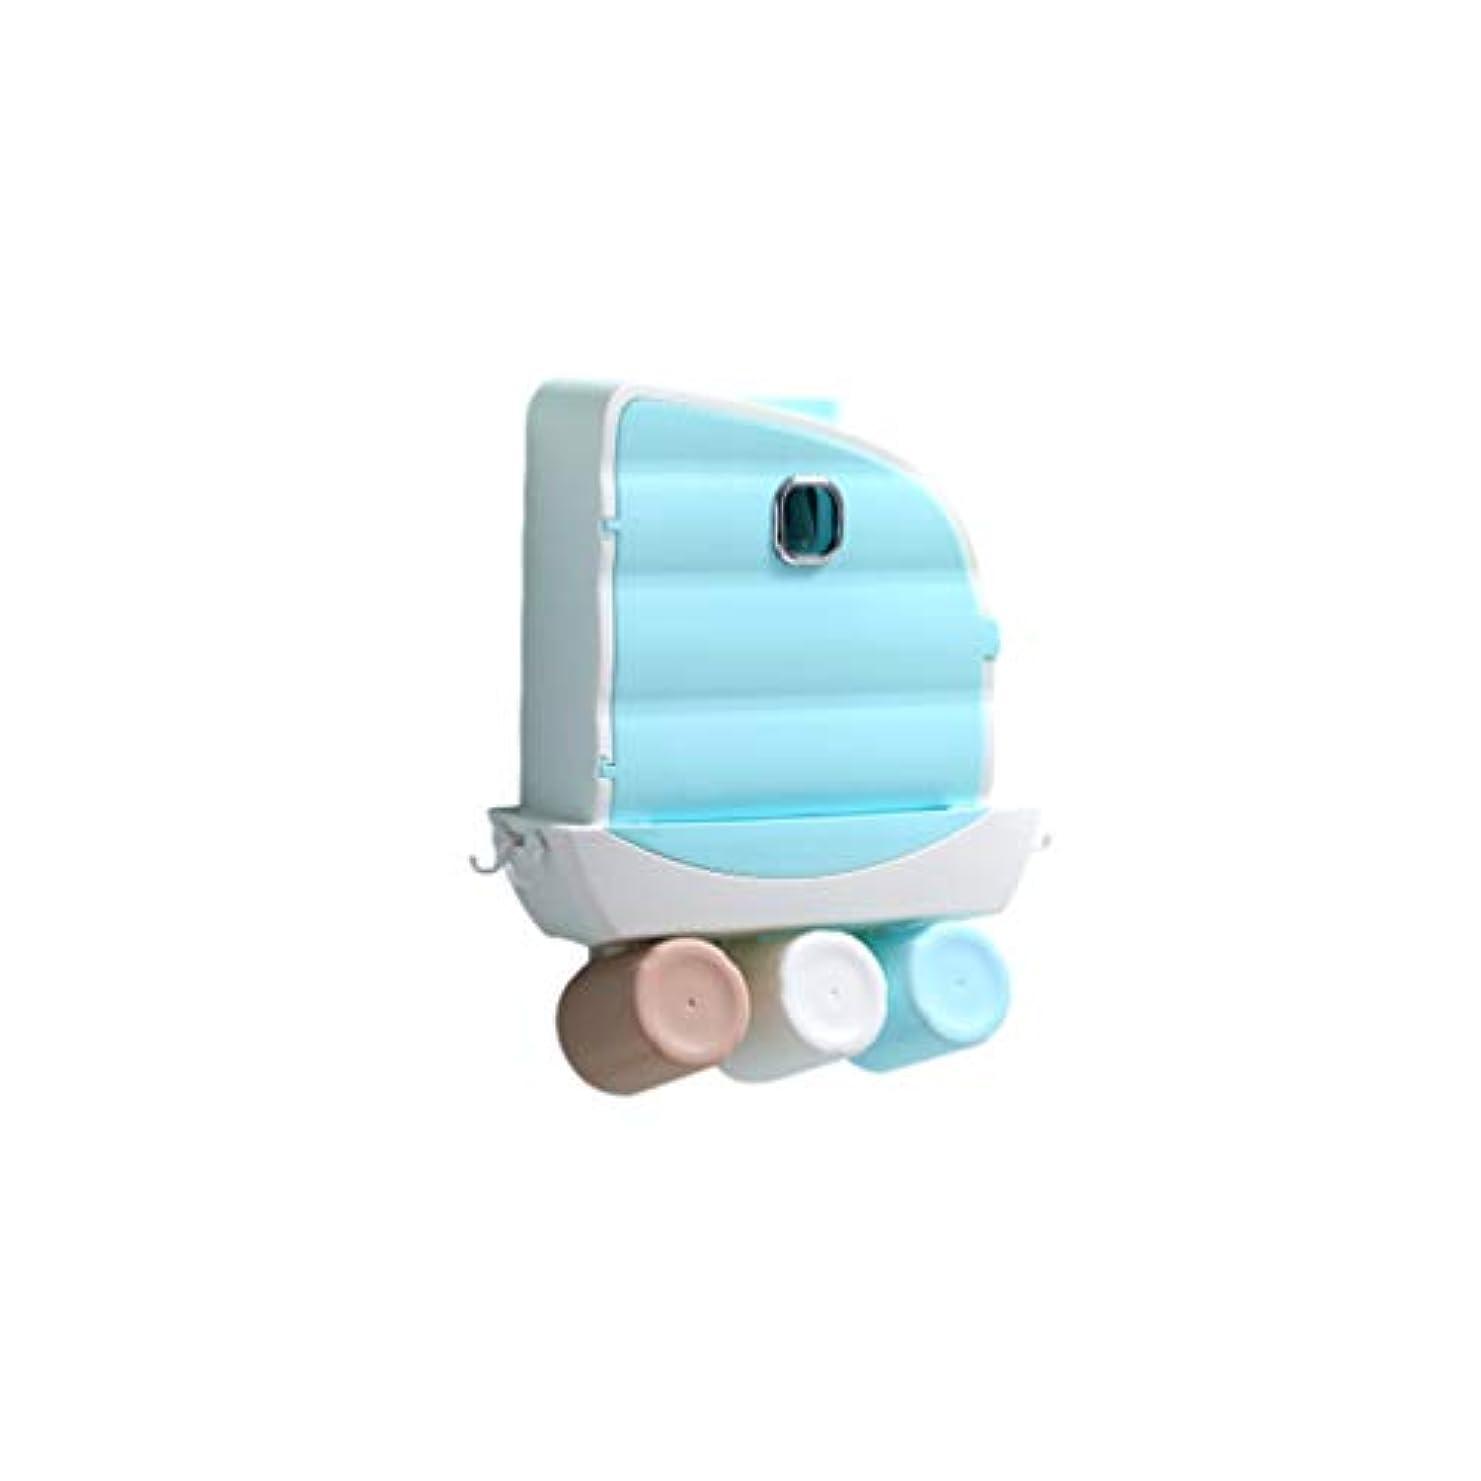 ビジター理想的松SUPVOX タオルフック付き壁掛け歯ブラシホルダー歯磨き粉スクイーザー